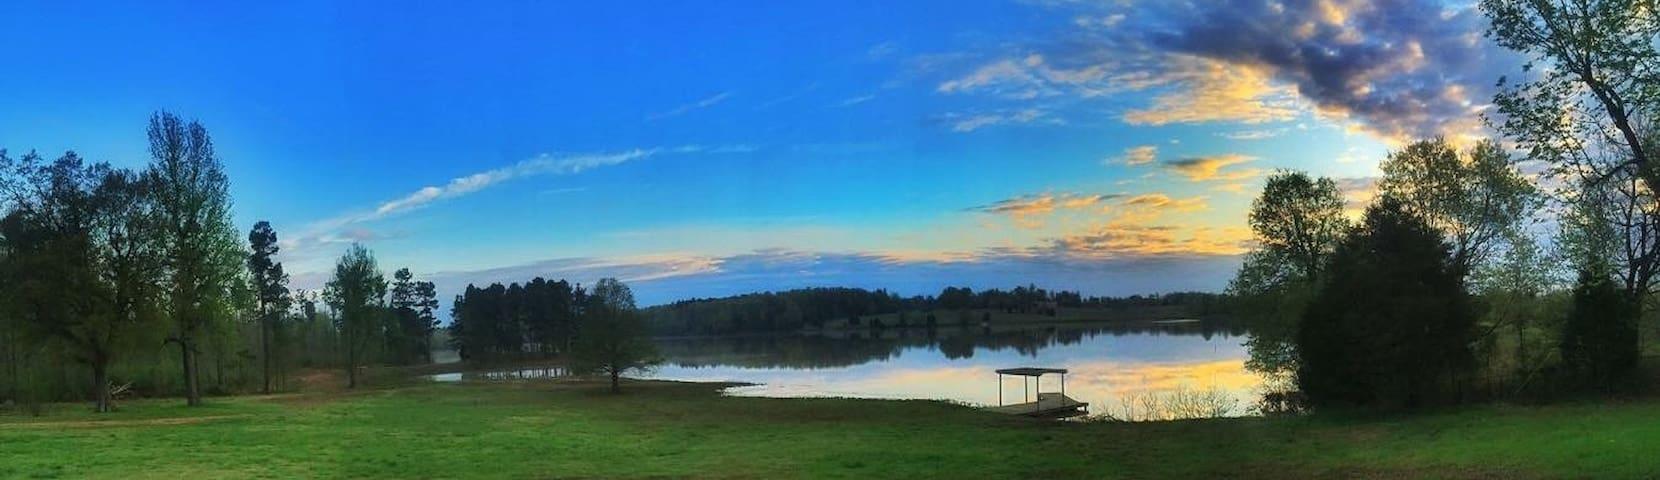 The Lodge at 6 Mile Lake